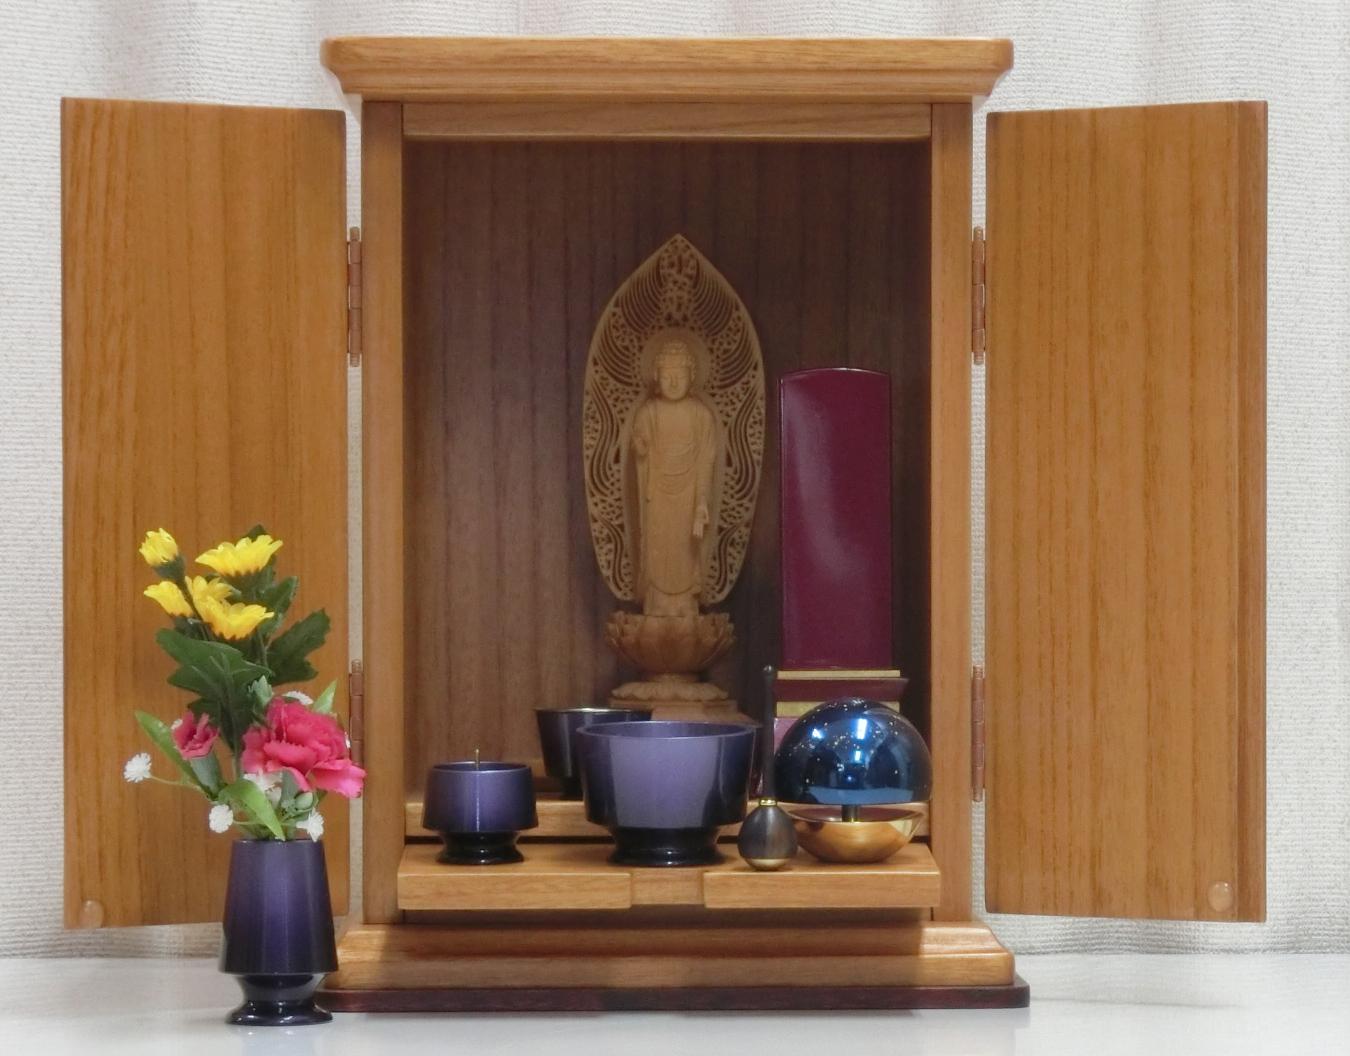 桐材コンパクト仏壇 <!-->やわらぎ<-->